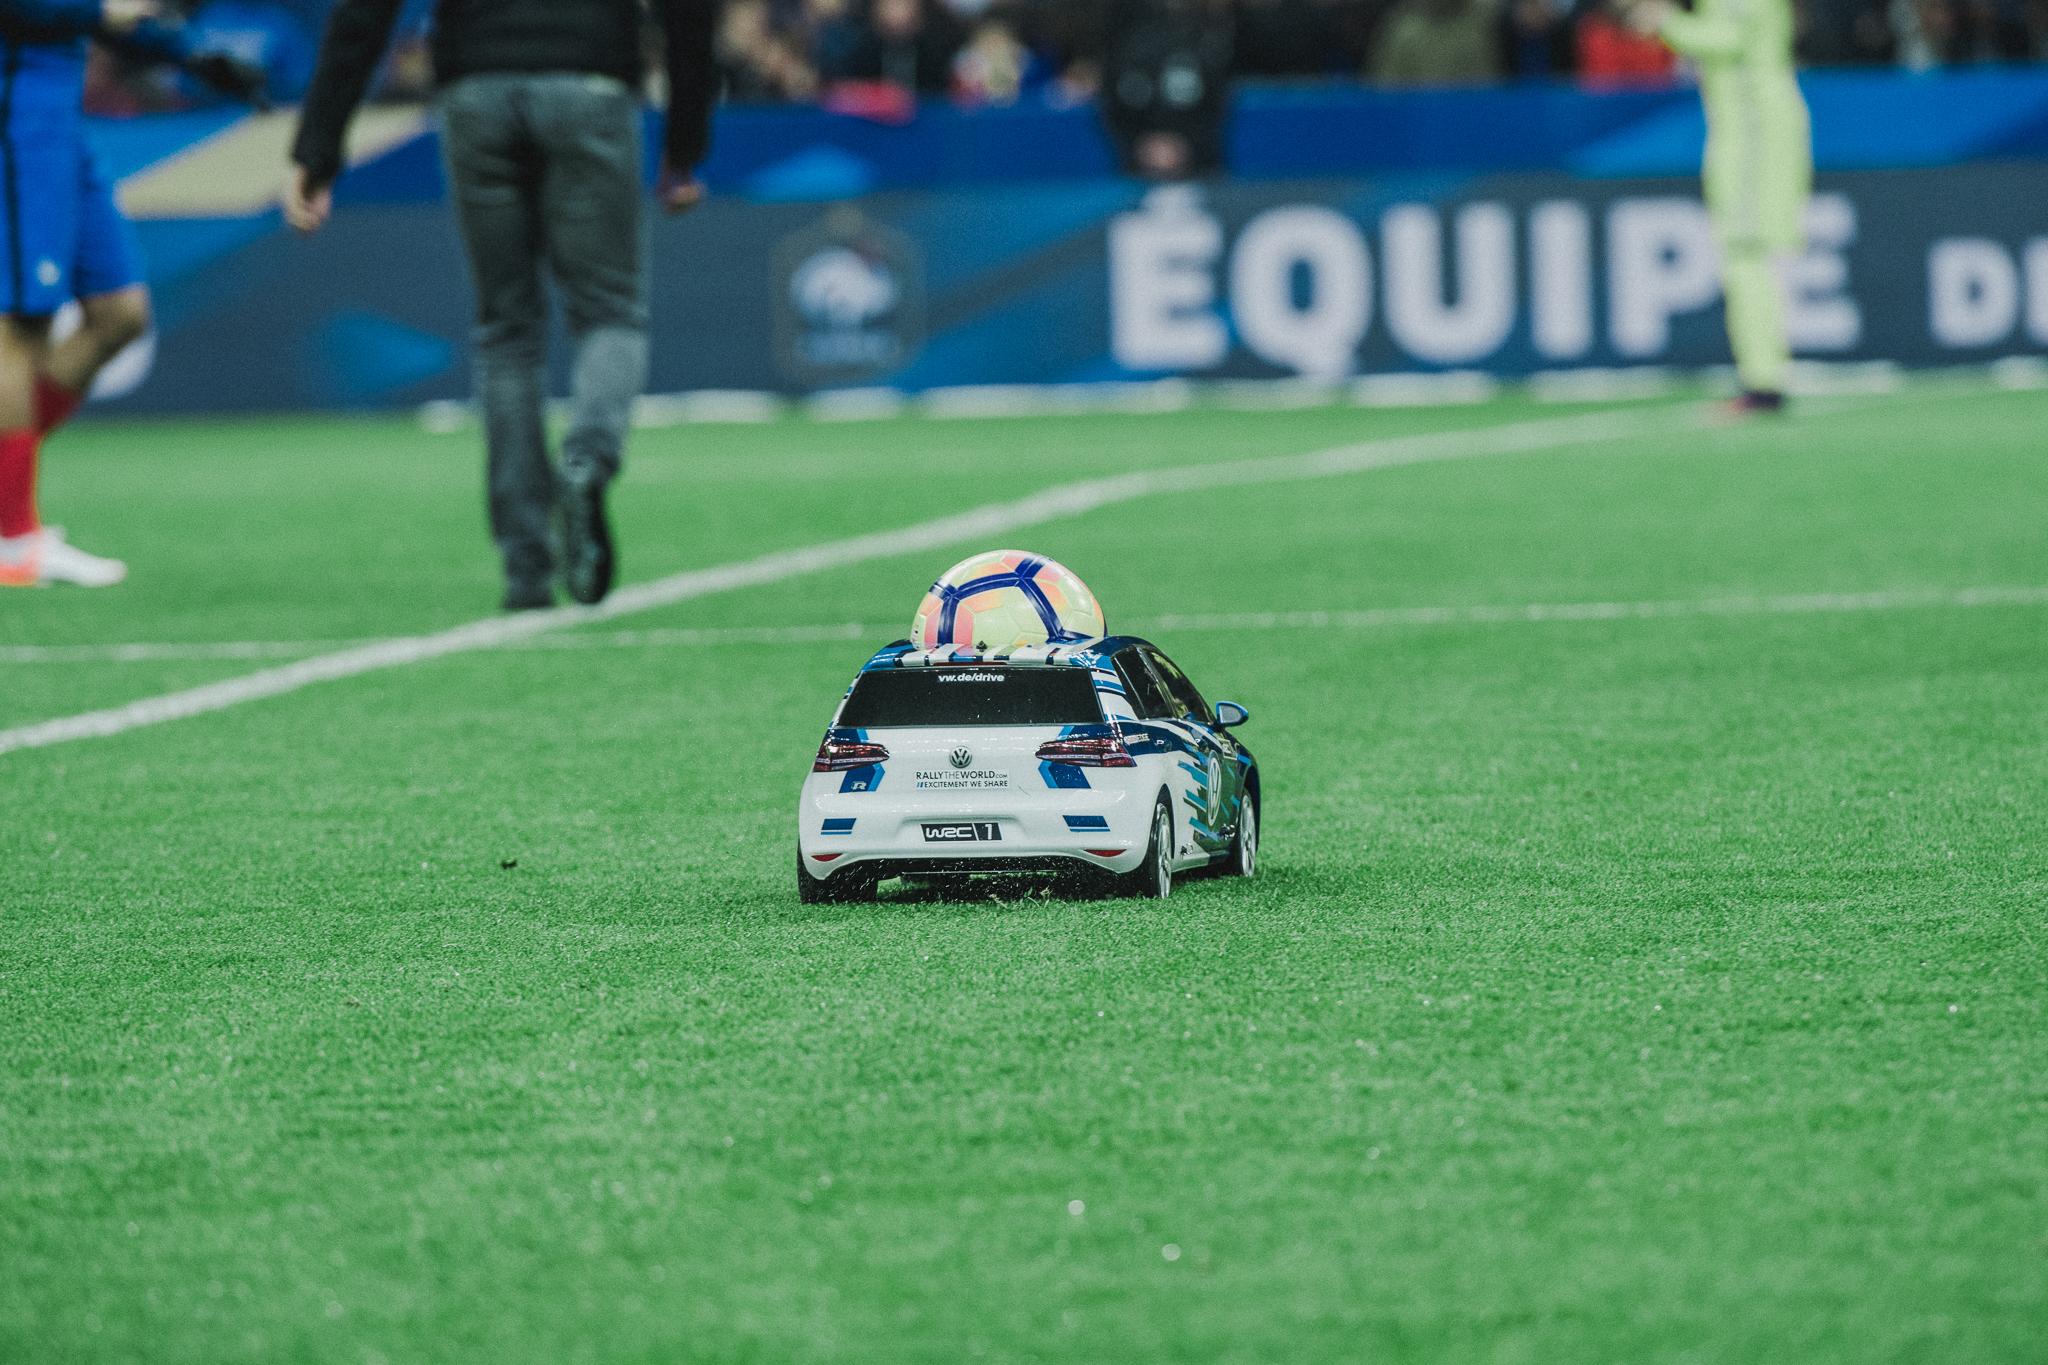 volkswagen-voiture-france-suede-football-ballon-du-match